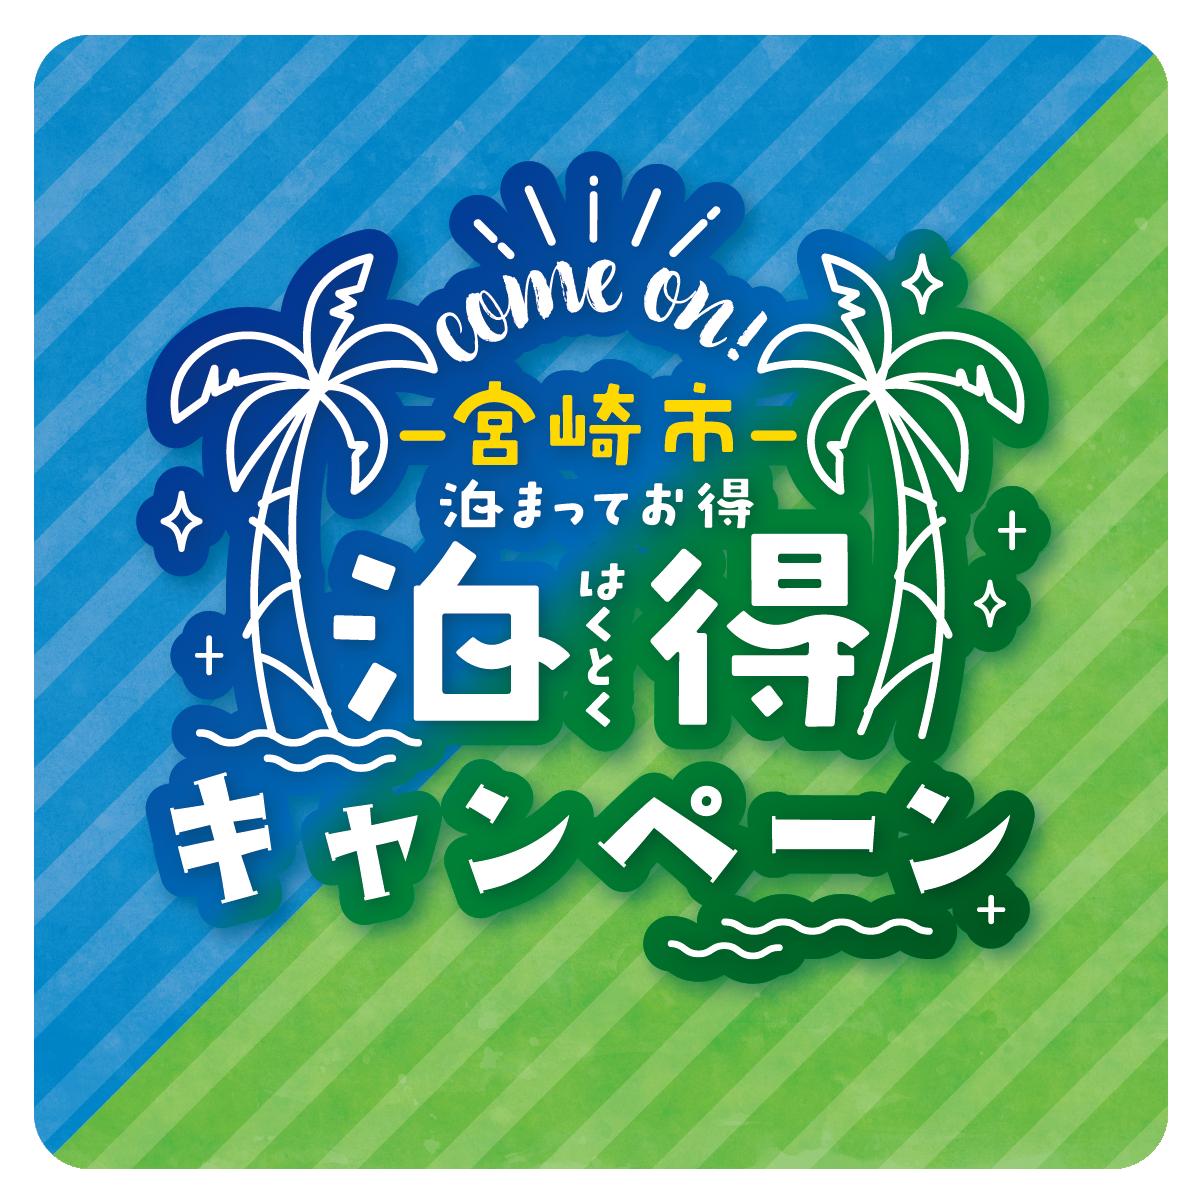 【泊得CP】回転寿司 羽田市場(アミュプラザみやざき)-1